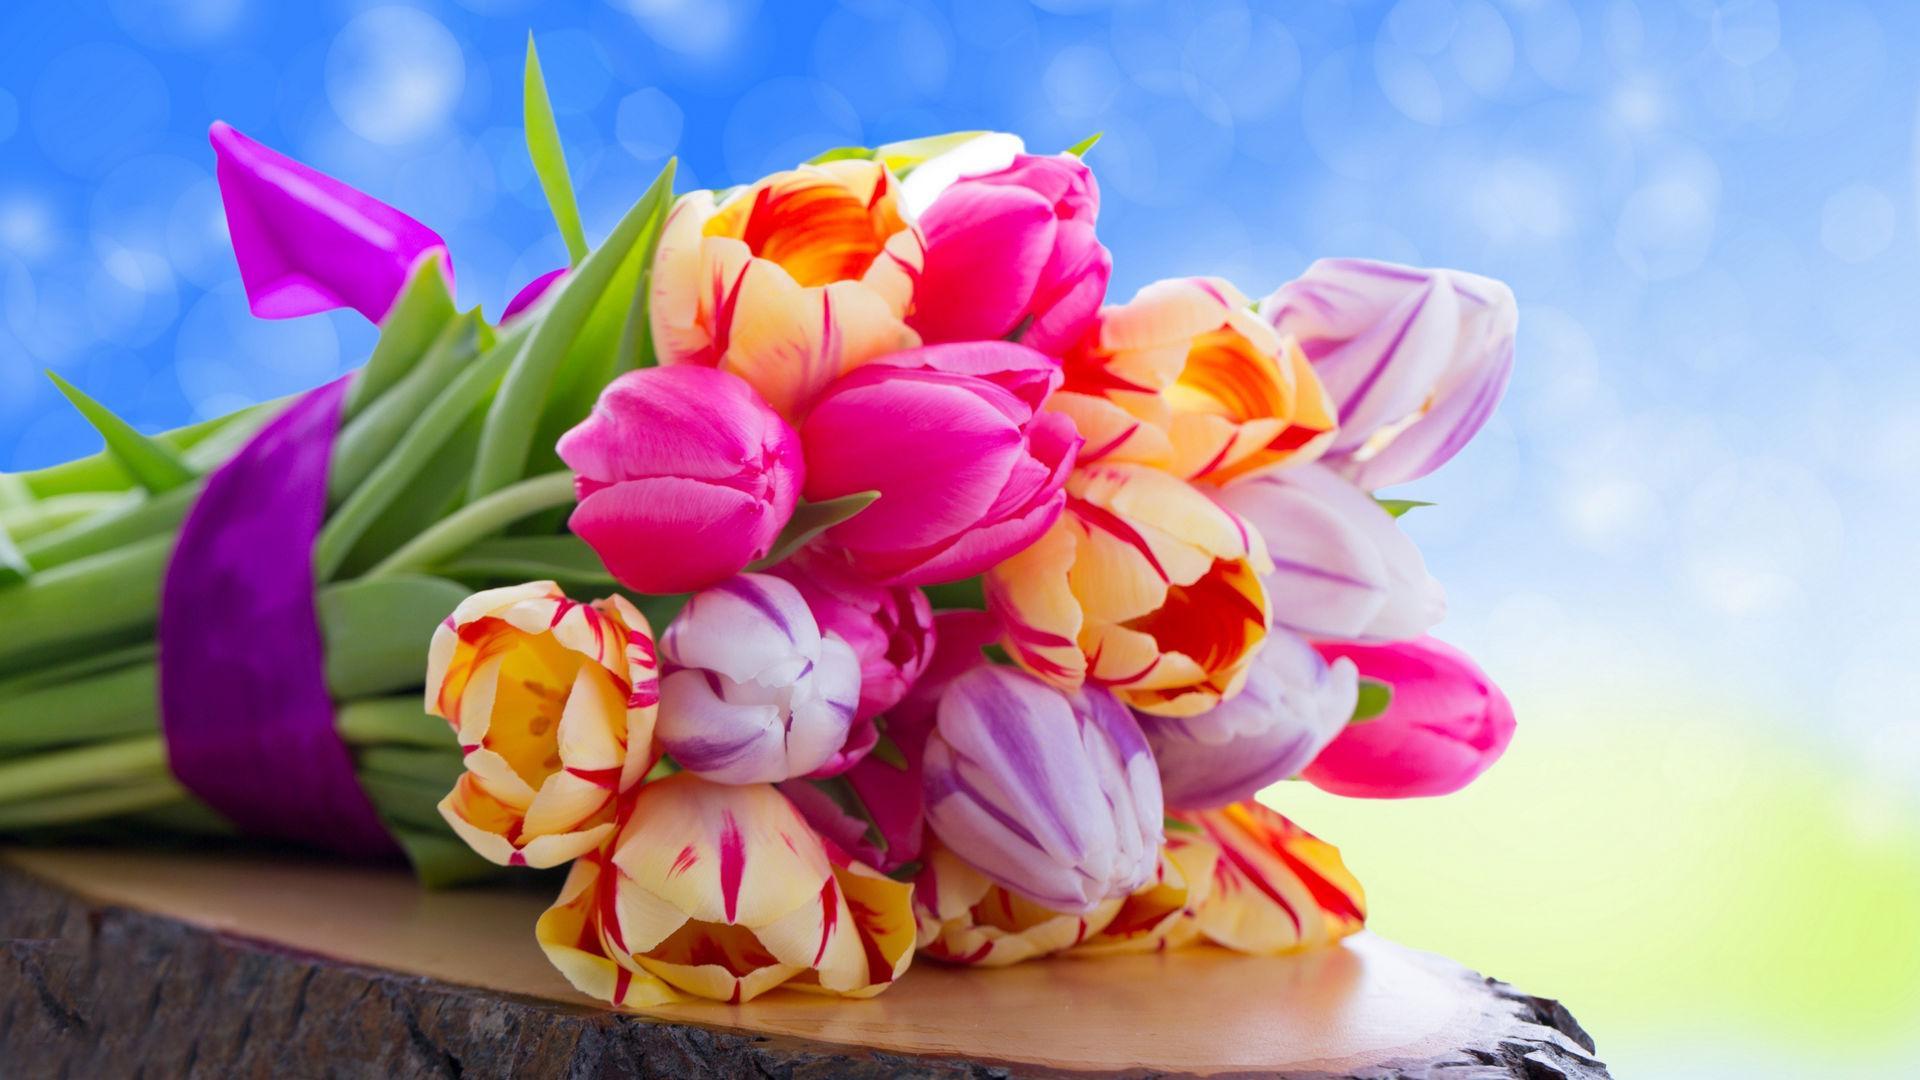 Поздравление доставка цветов оригинальный подарок своими руками на юбилей мужчине 30 лет